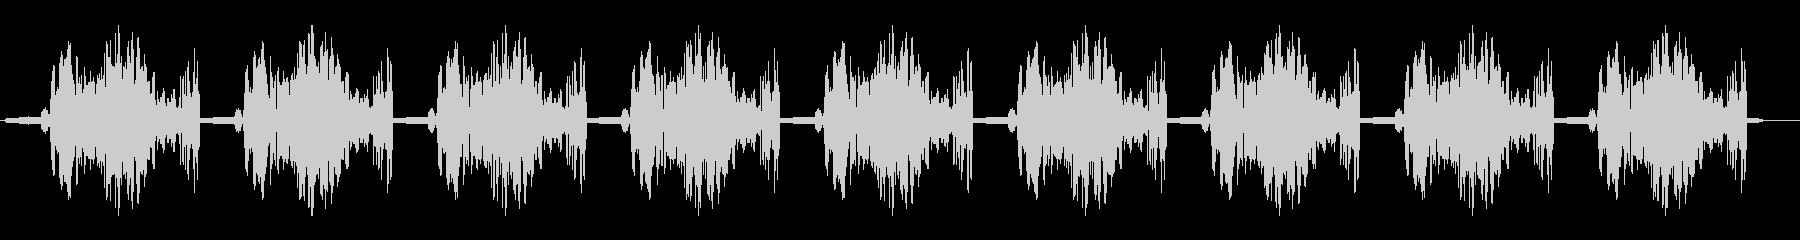 ホギューホギュー・・・(繰り返す効果音)の未再生の波形